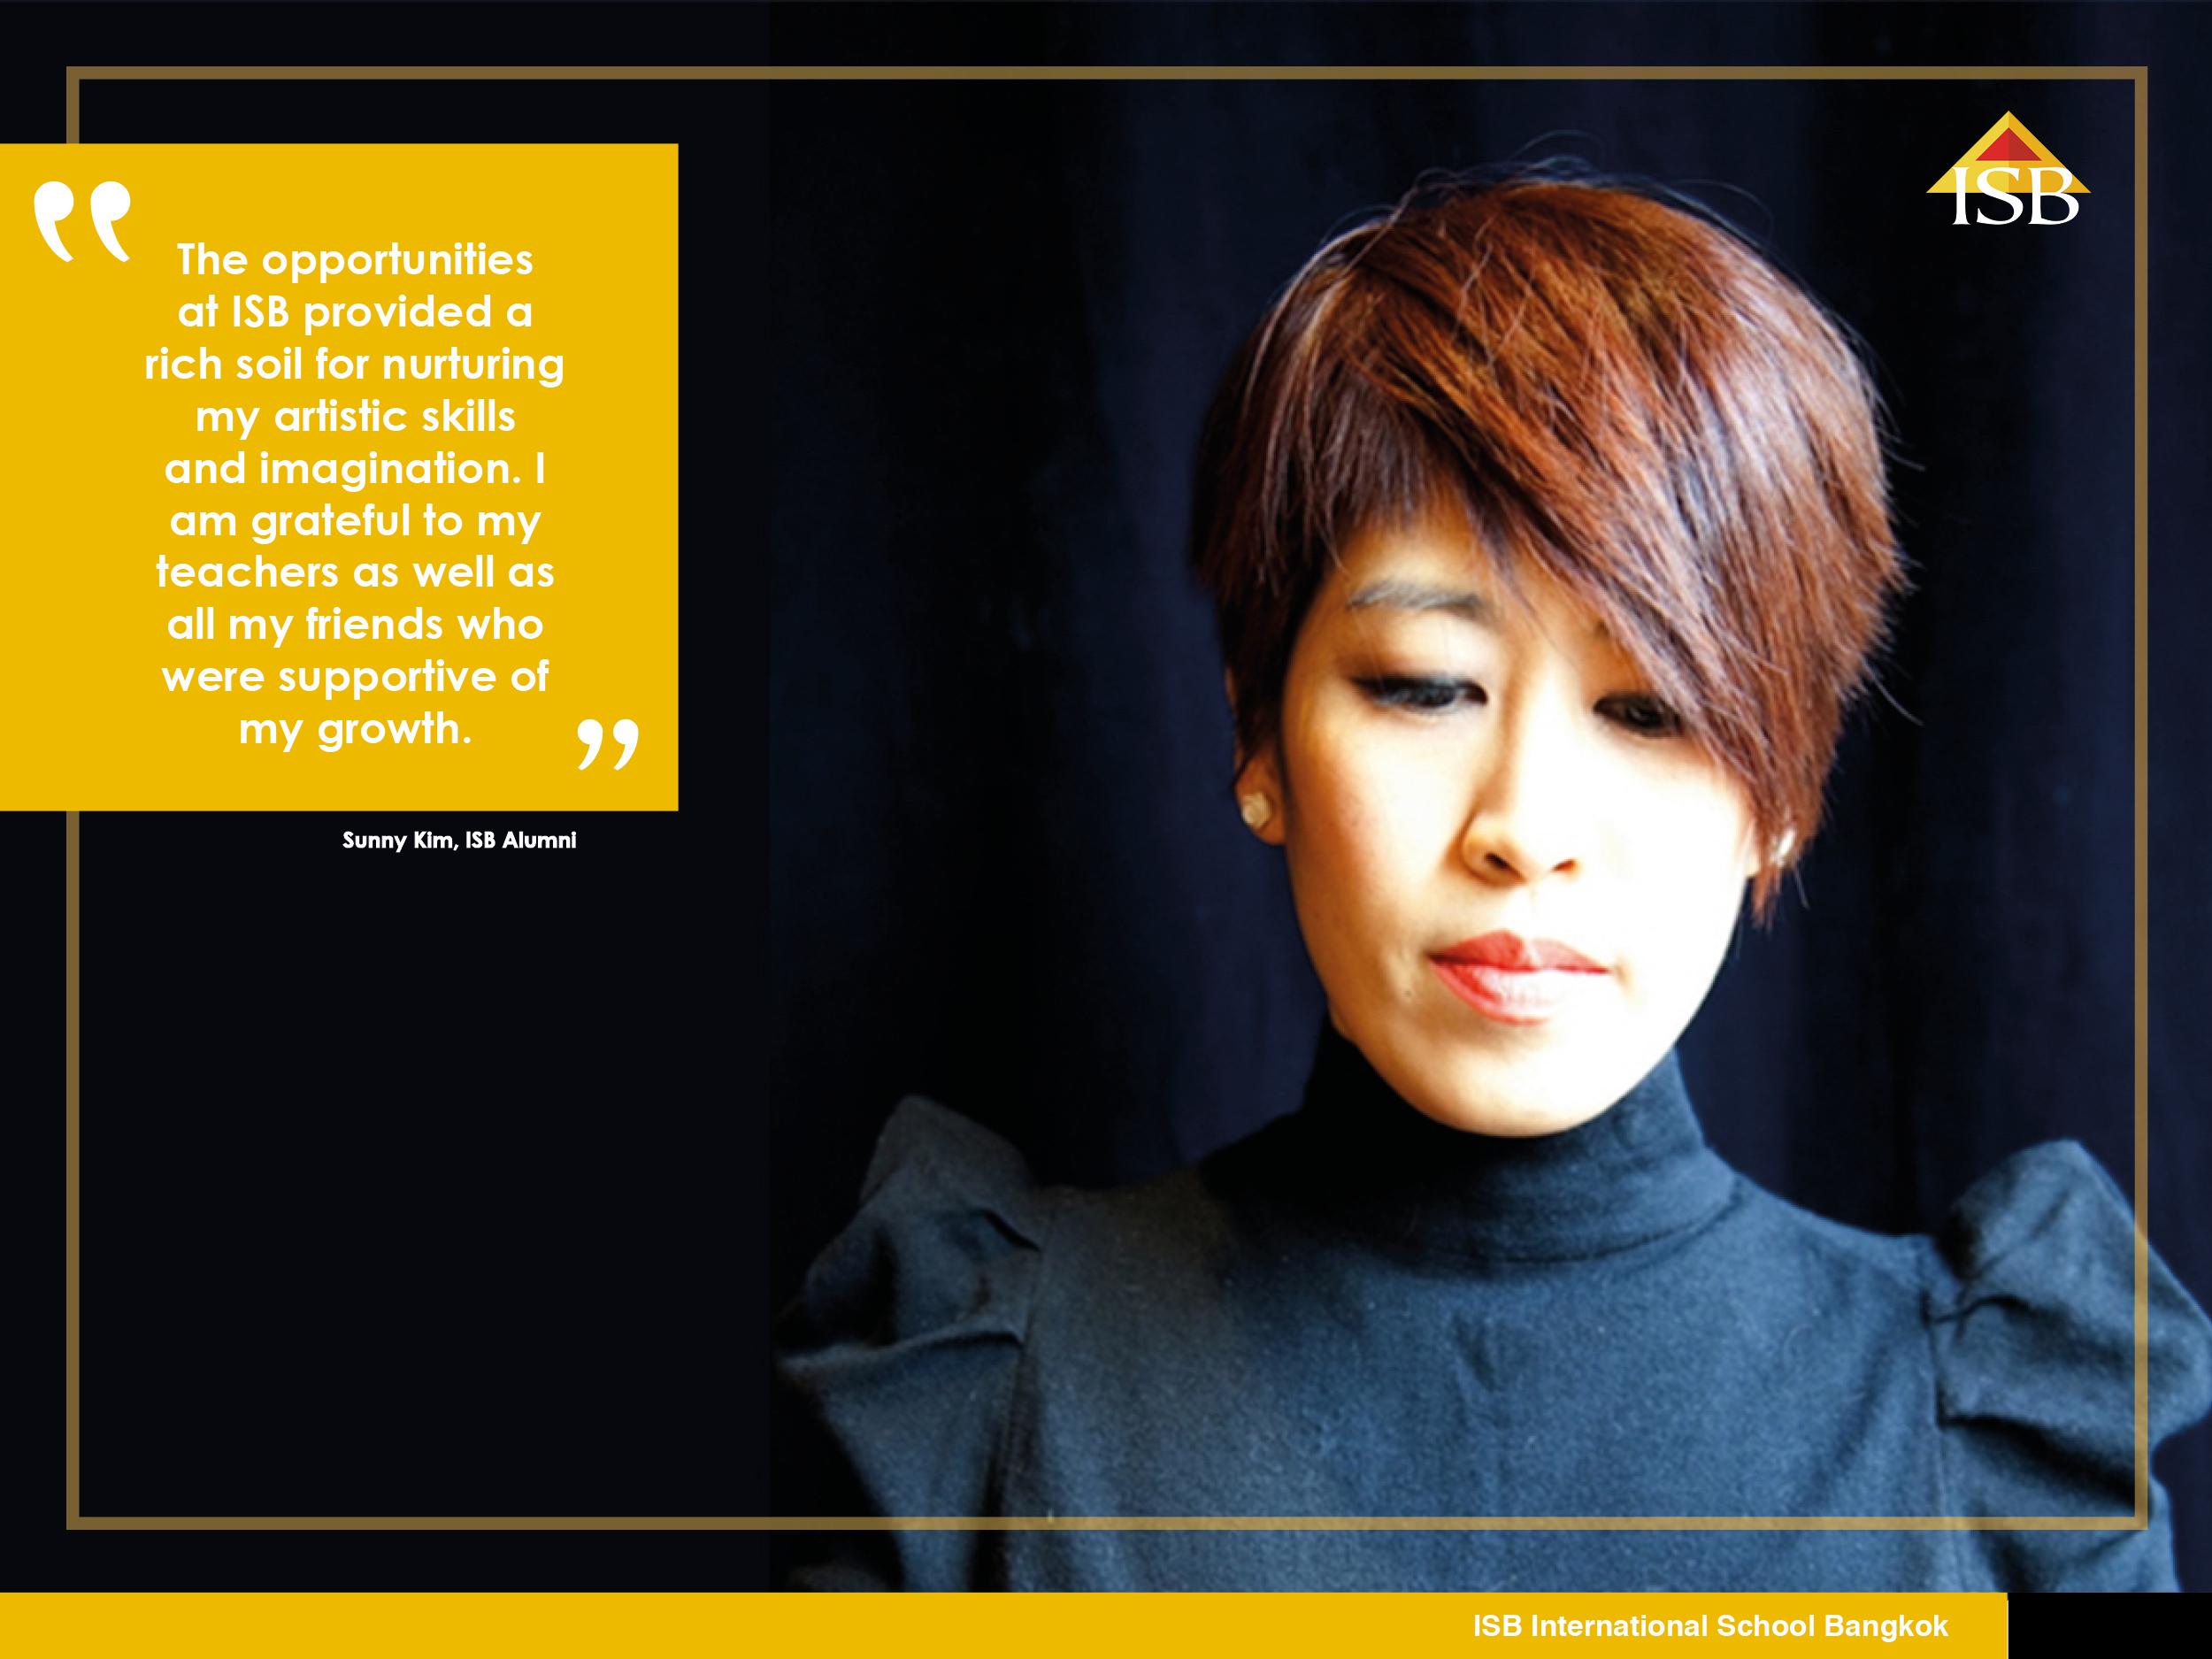 Sunny Kim C_quote card